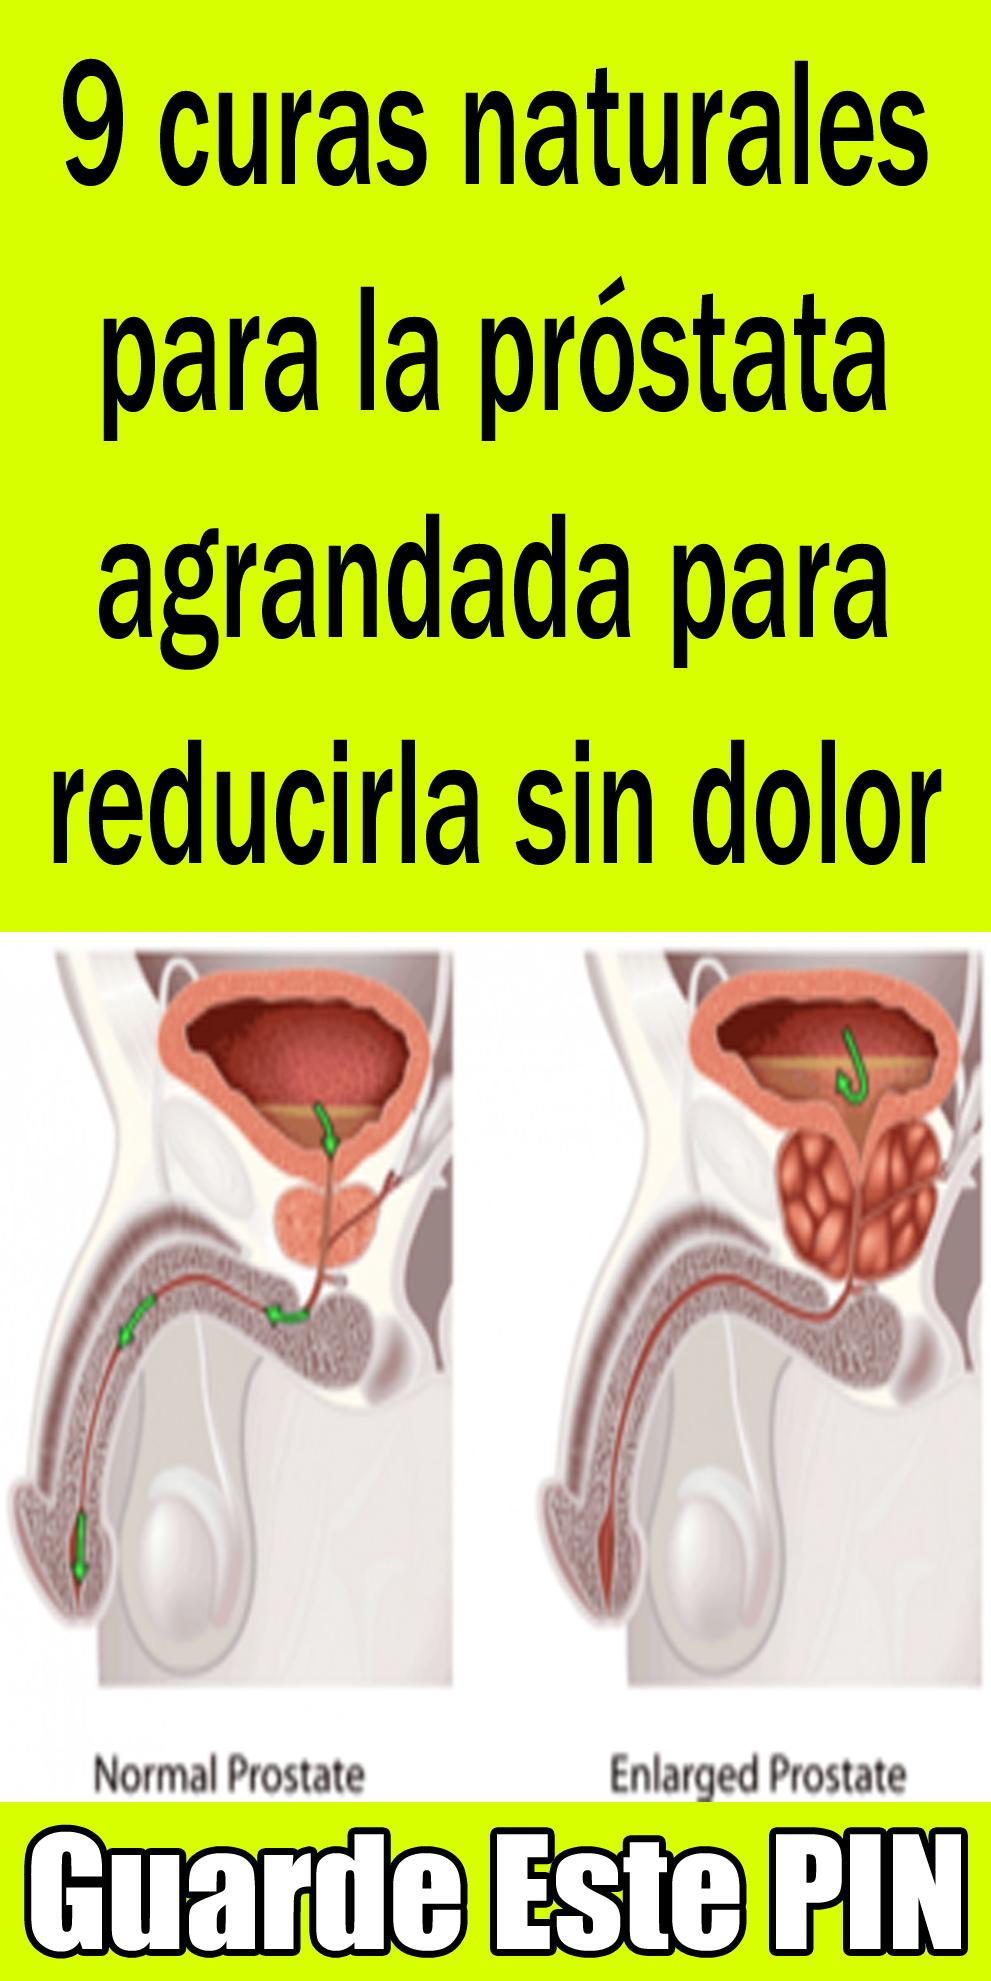 dolor de próstata no agrandado